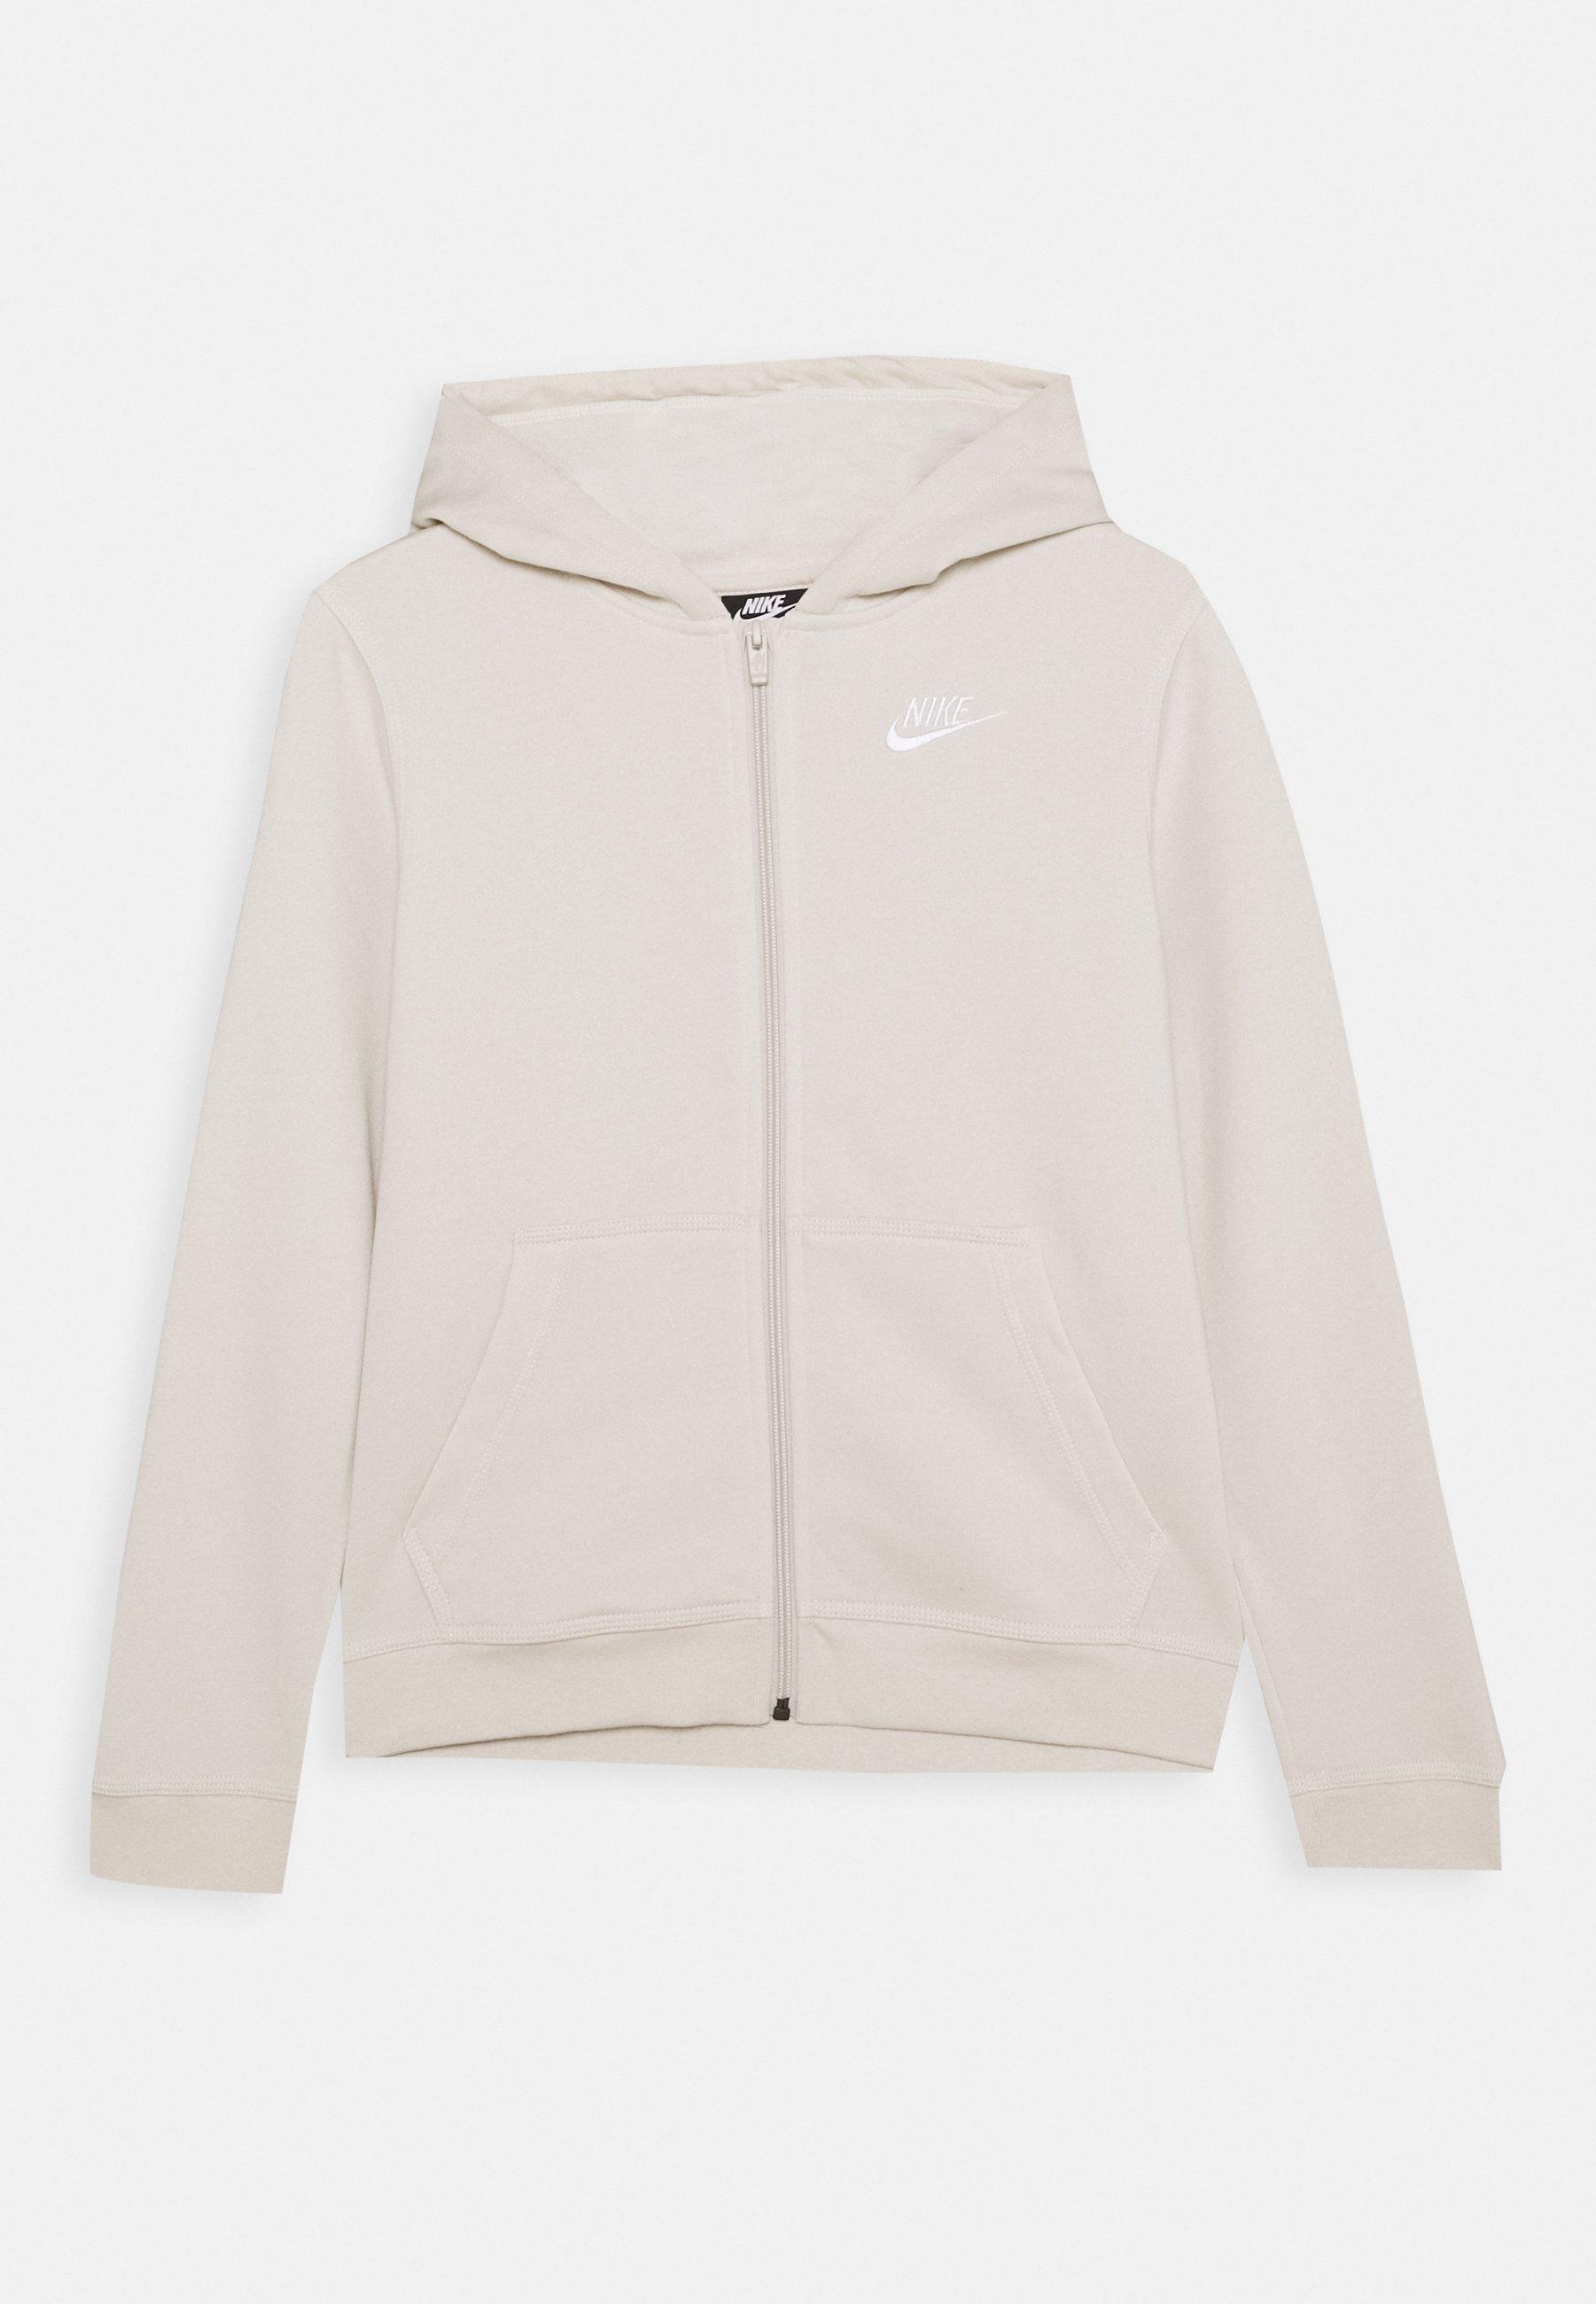 HOODIE CLUB veste en sweat zippée orewoodwhite